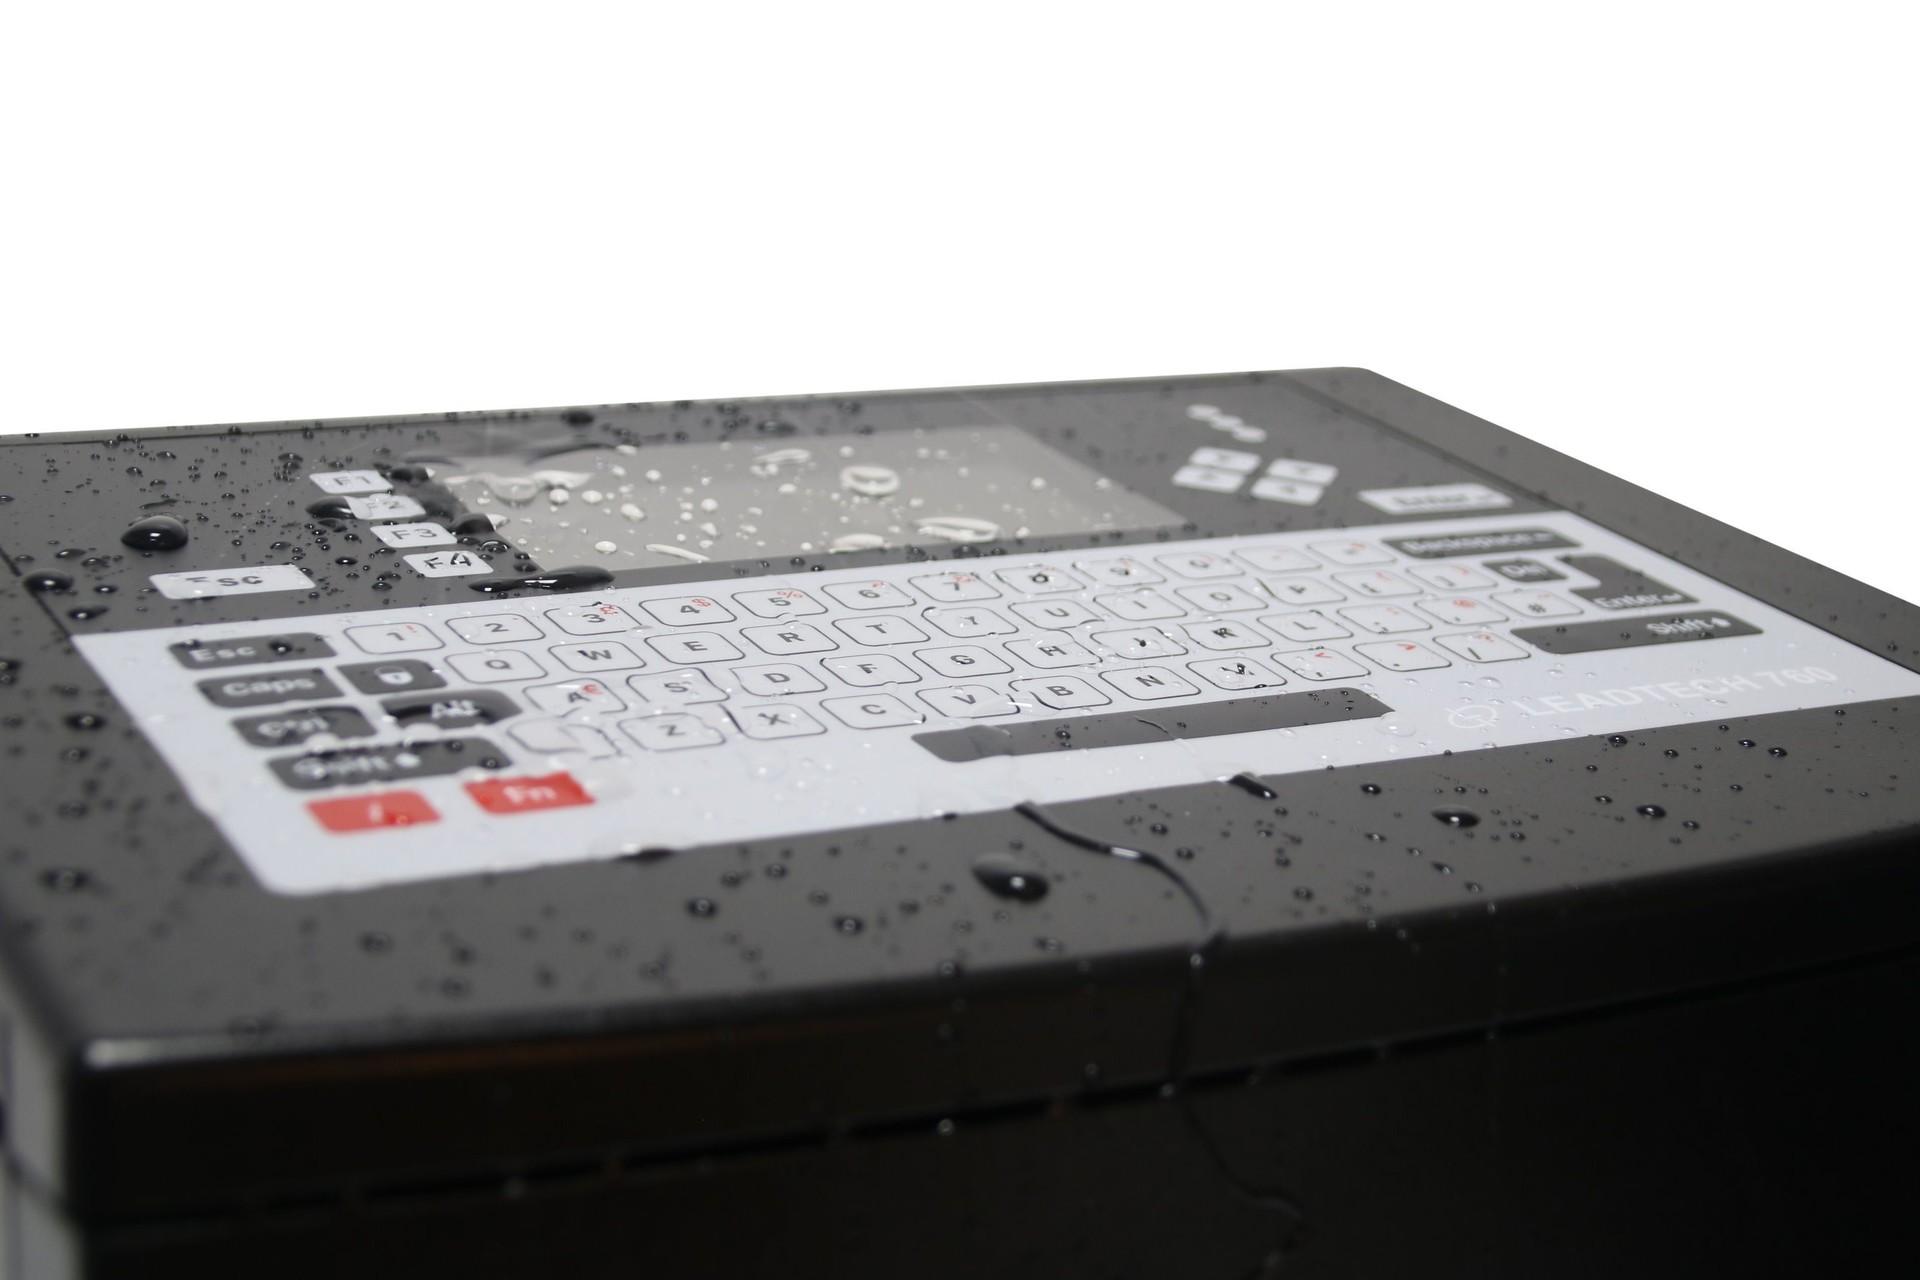 Lead Tech Lt760 Continuous Inkjet Printer for Pet Bottle Coding